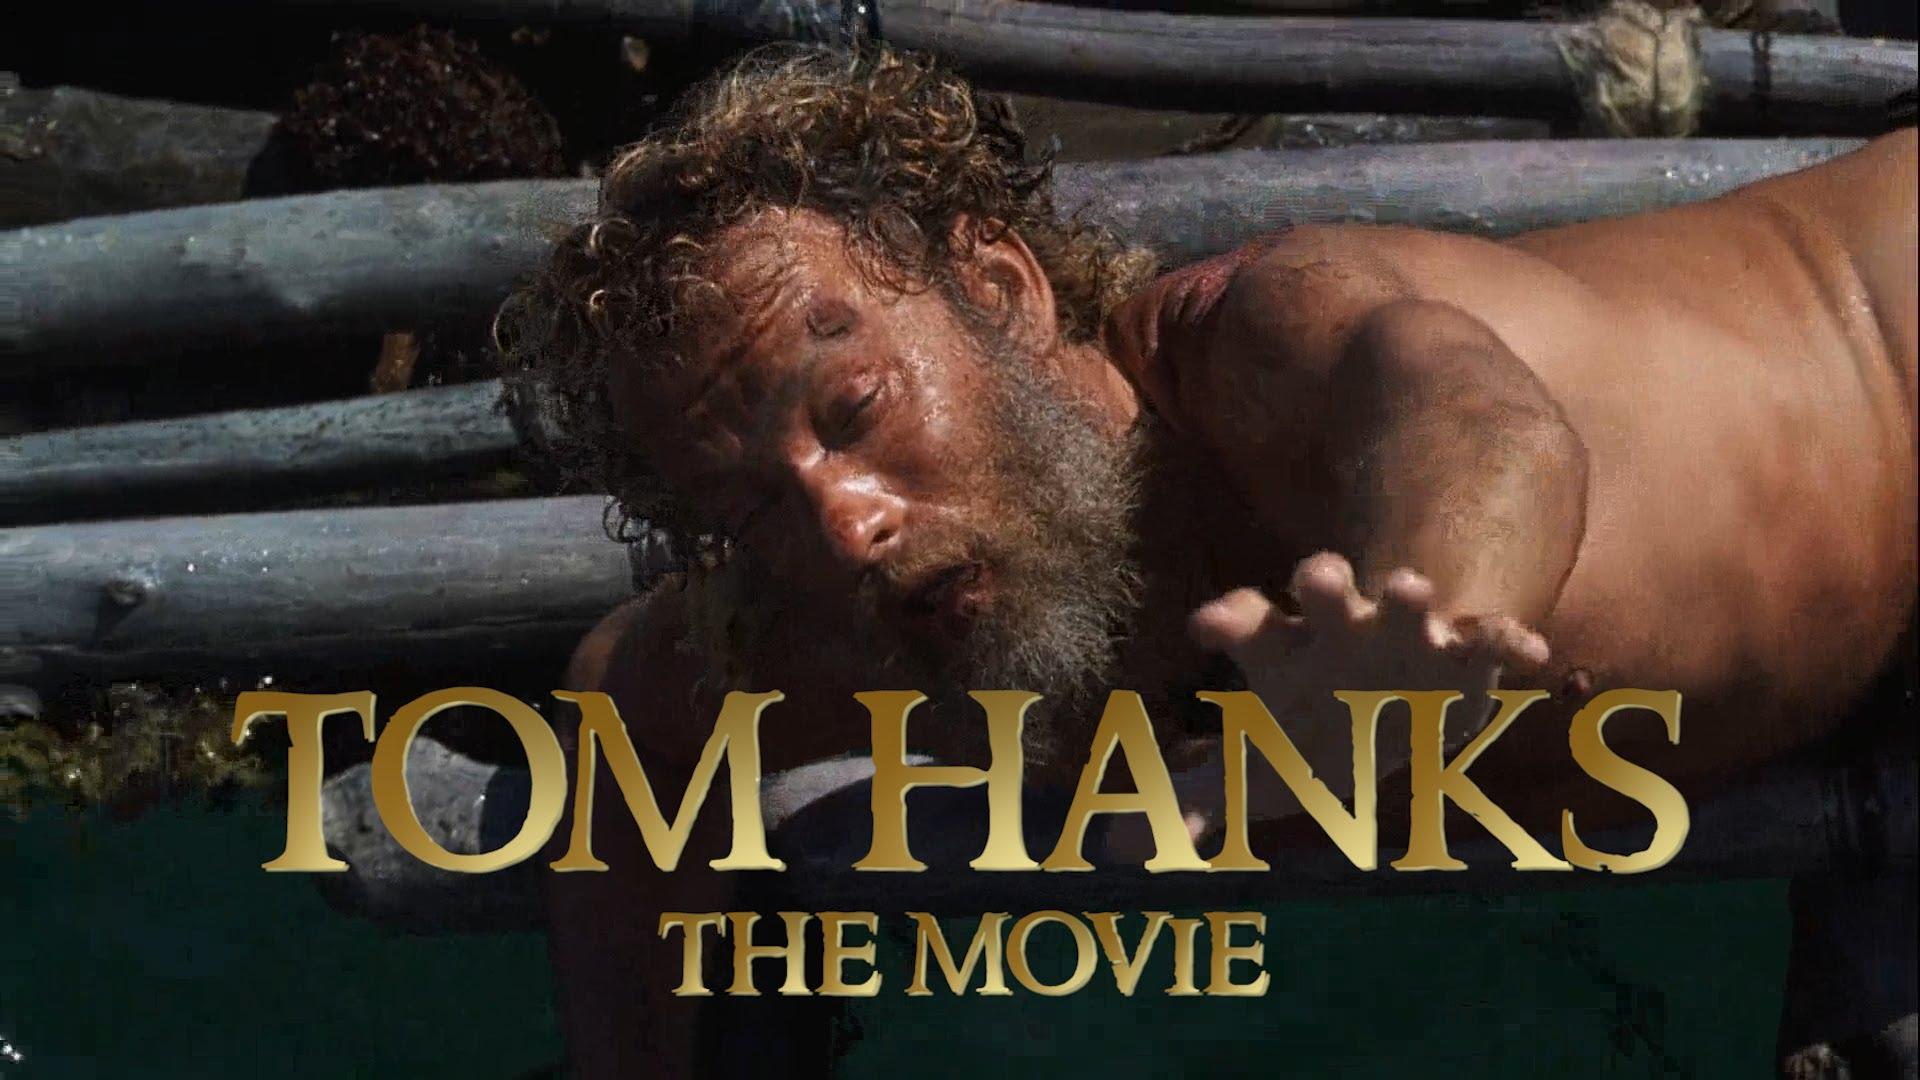 Tom Hanks The Movie Different Tom Hanks Films Mashed Up